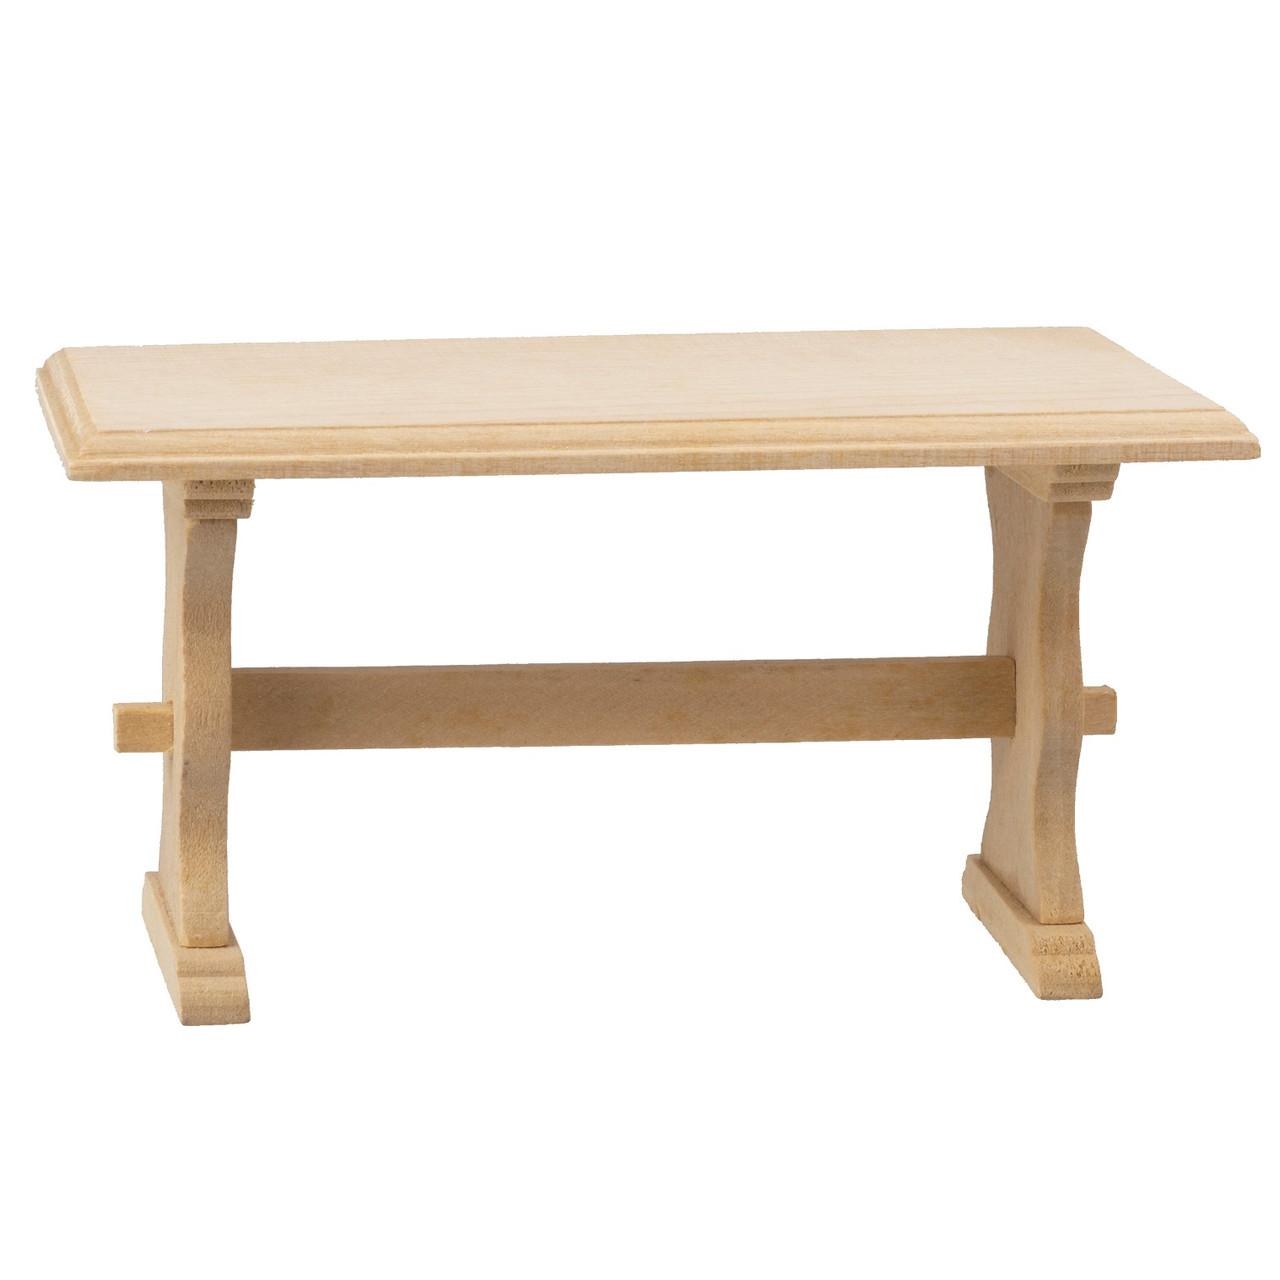 Trestle Table, Unfinished Wood (AZB6712)